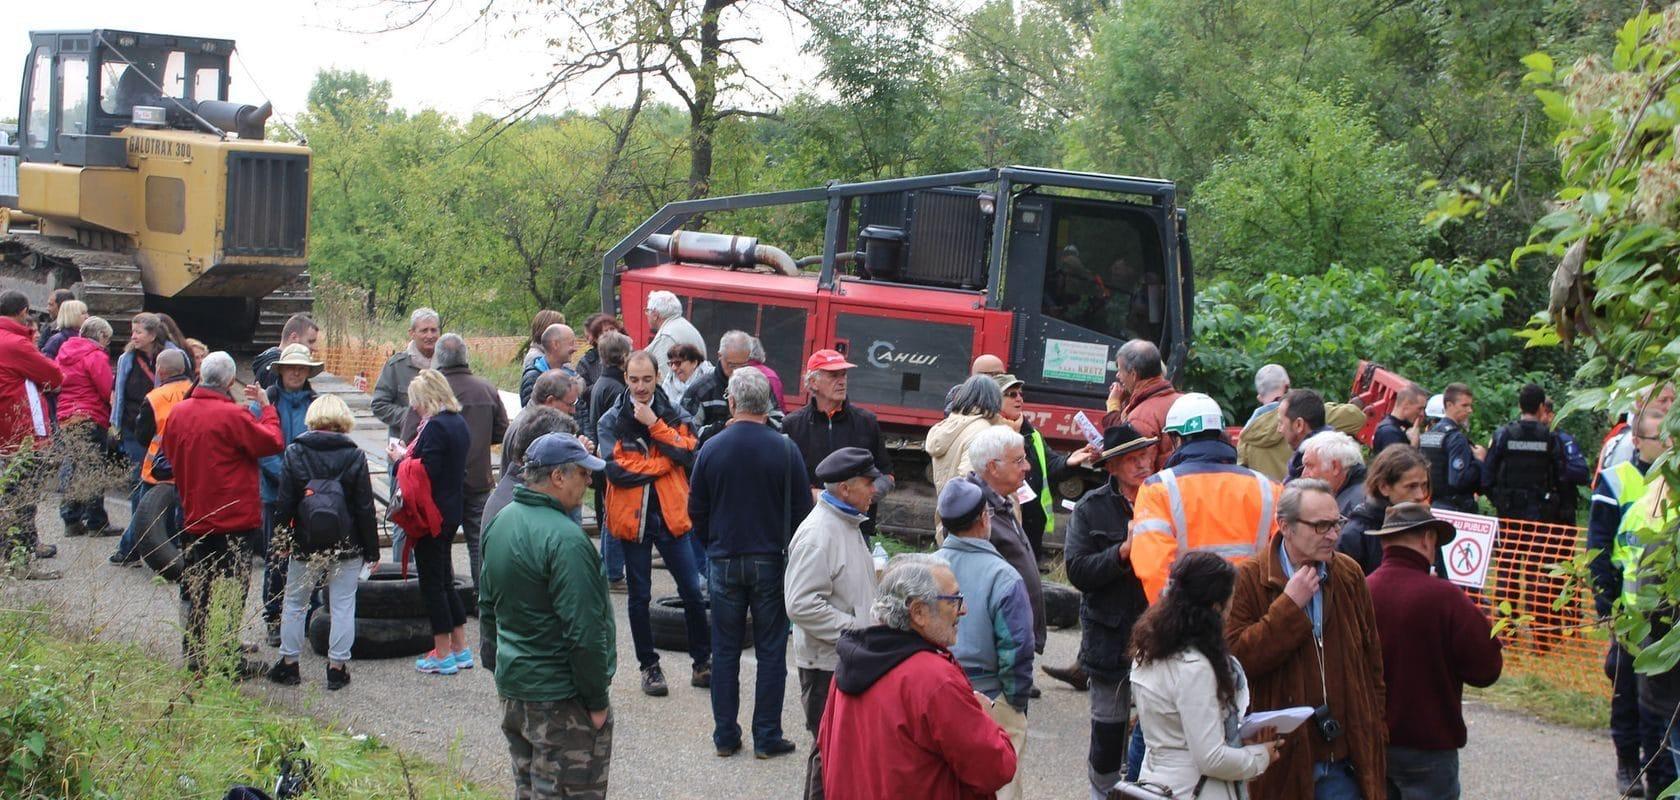 Face à face entre Vinci et opposants au GCO à Kolbsheim, les travaux préparatoires reportés